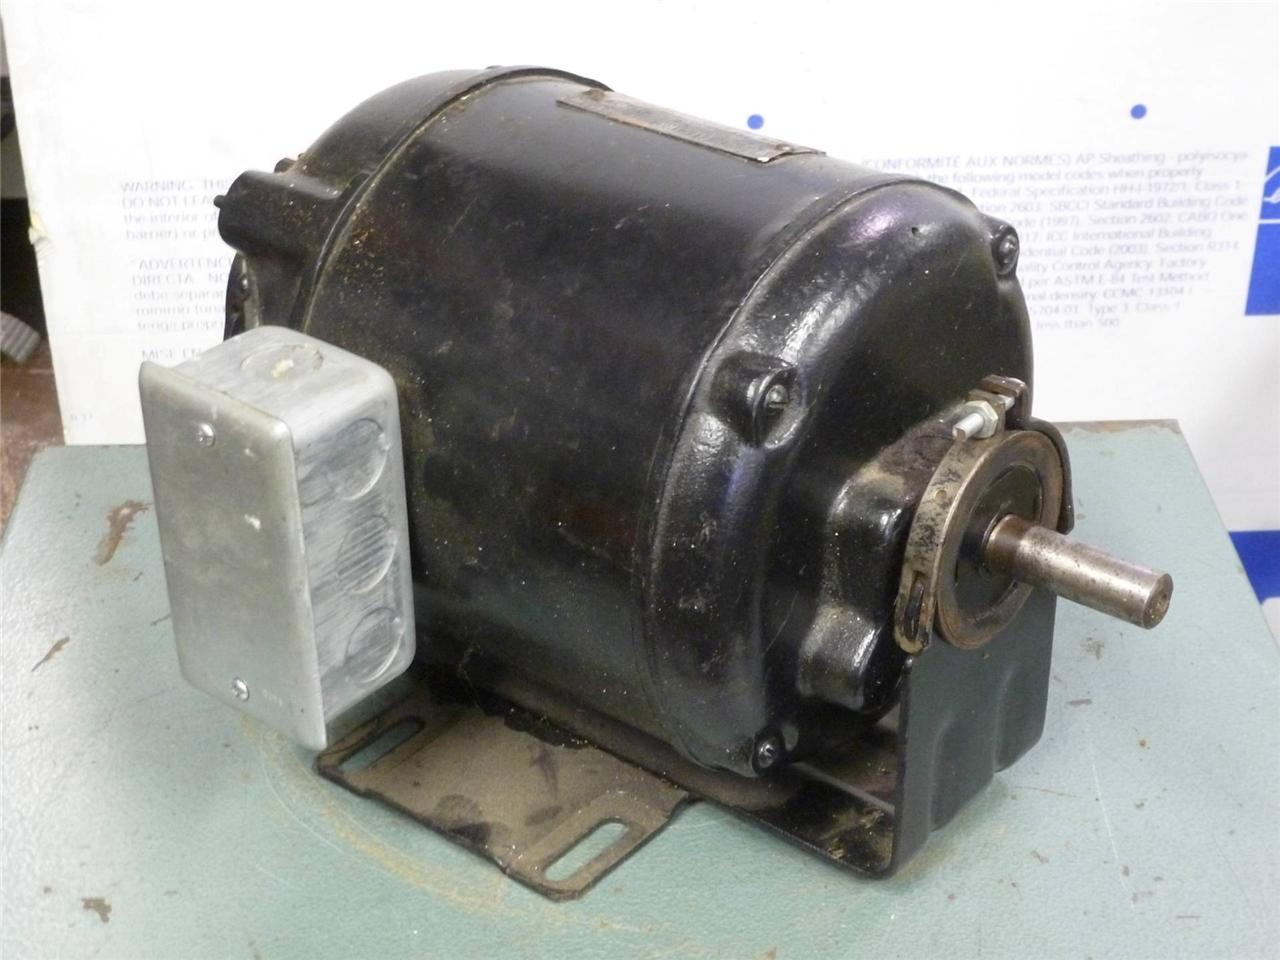 Vintage Wagner 115 Vdc Dc Electric Motor 1 6 Hp Antique Direct Current R 2490 Ebay